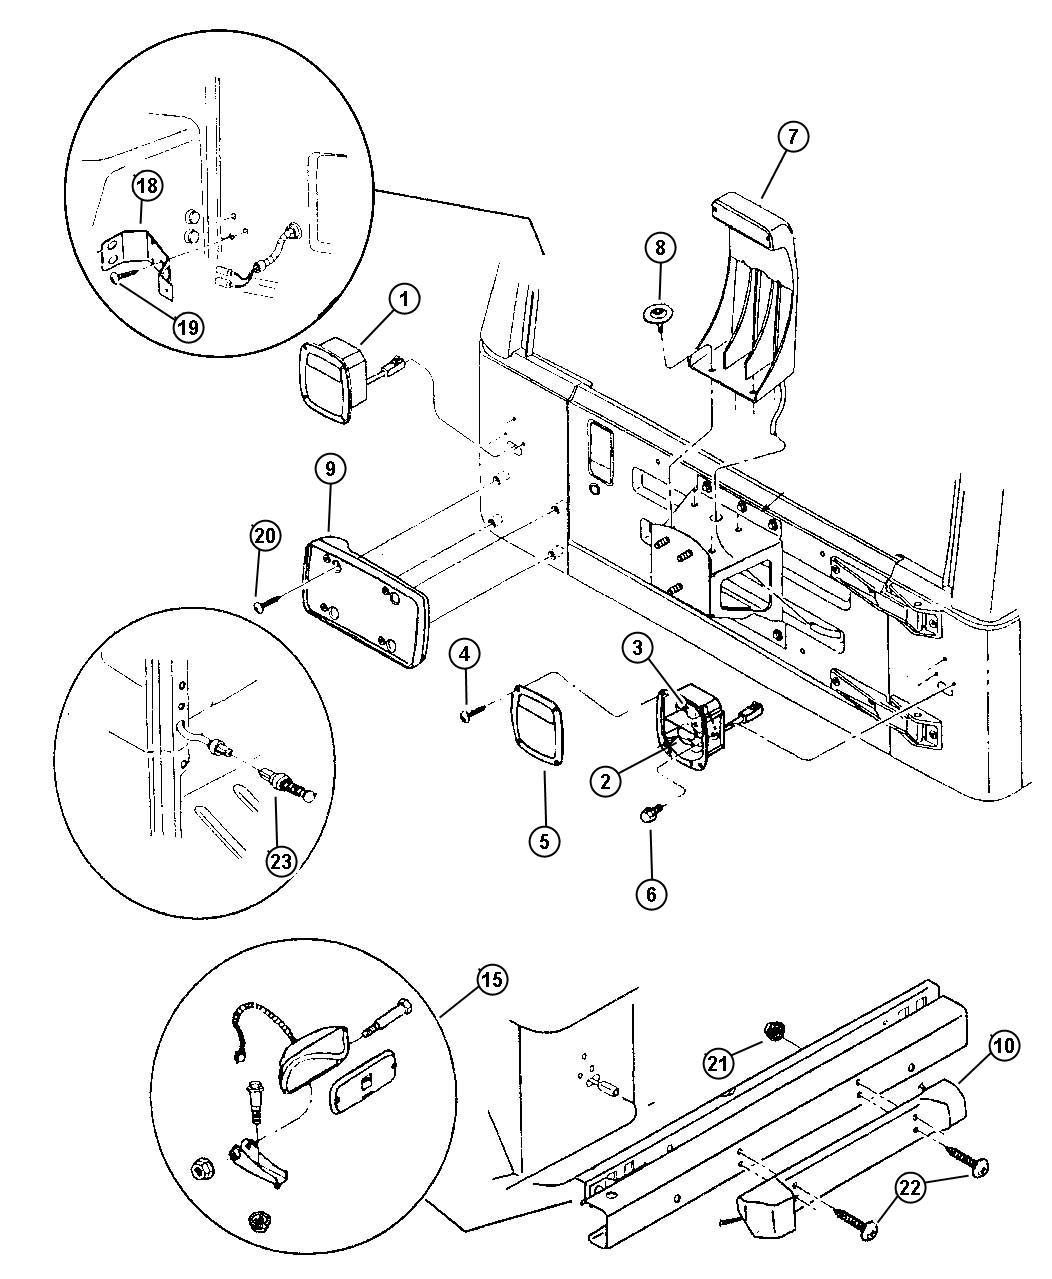 jeep wrangler clamp  contact button  contact cover pn 55217099  chmsl contact button